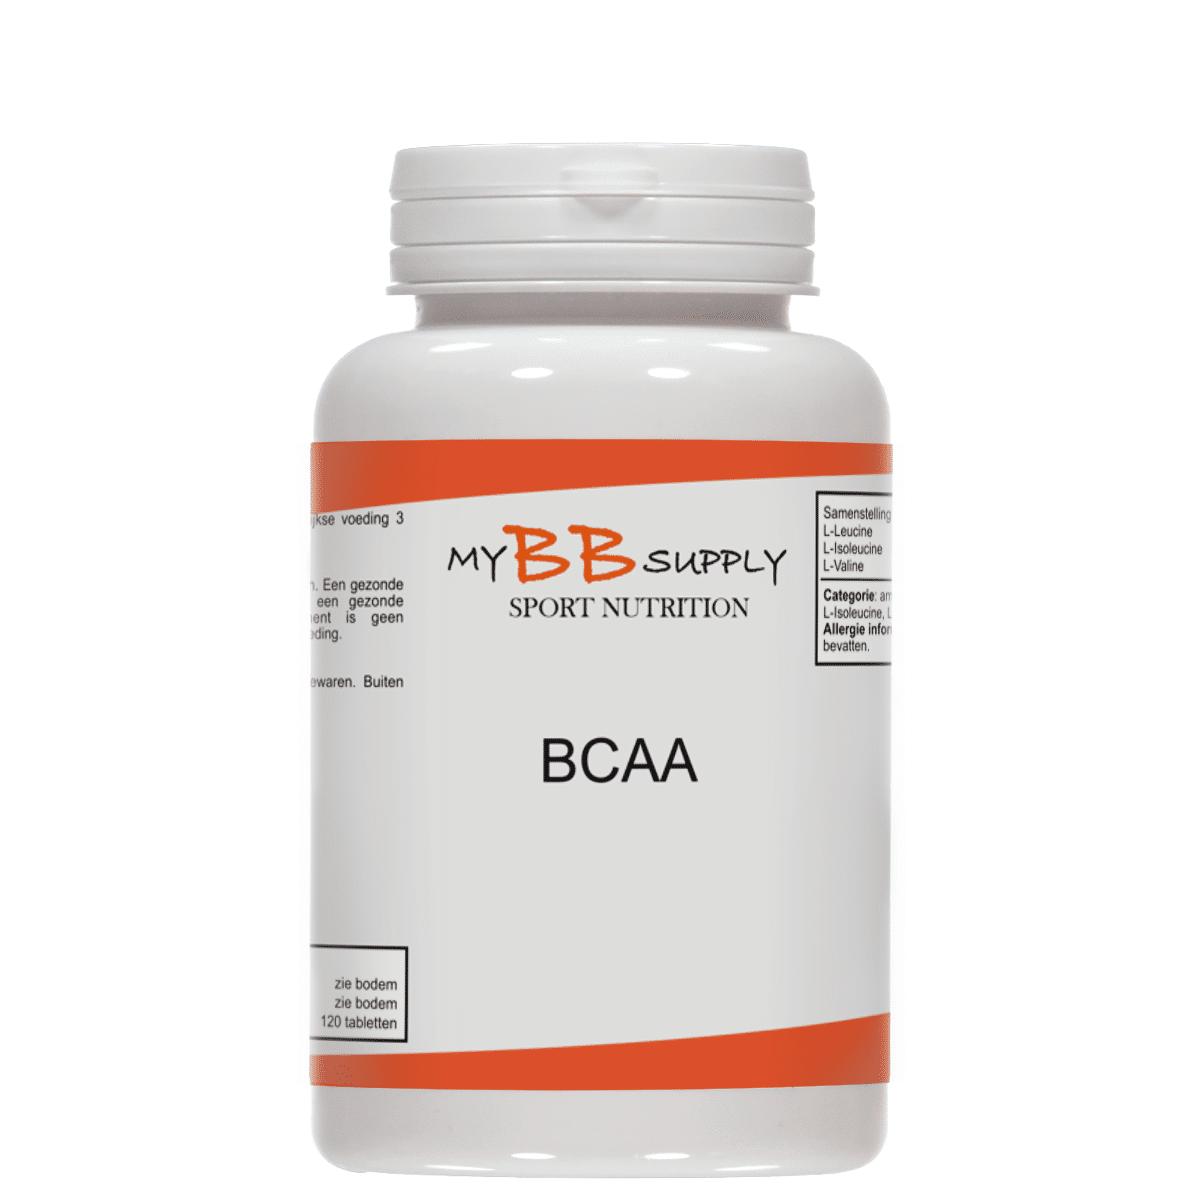 MyBBSupply BCAA